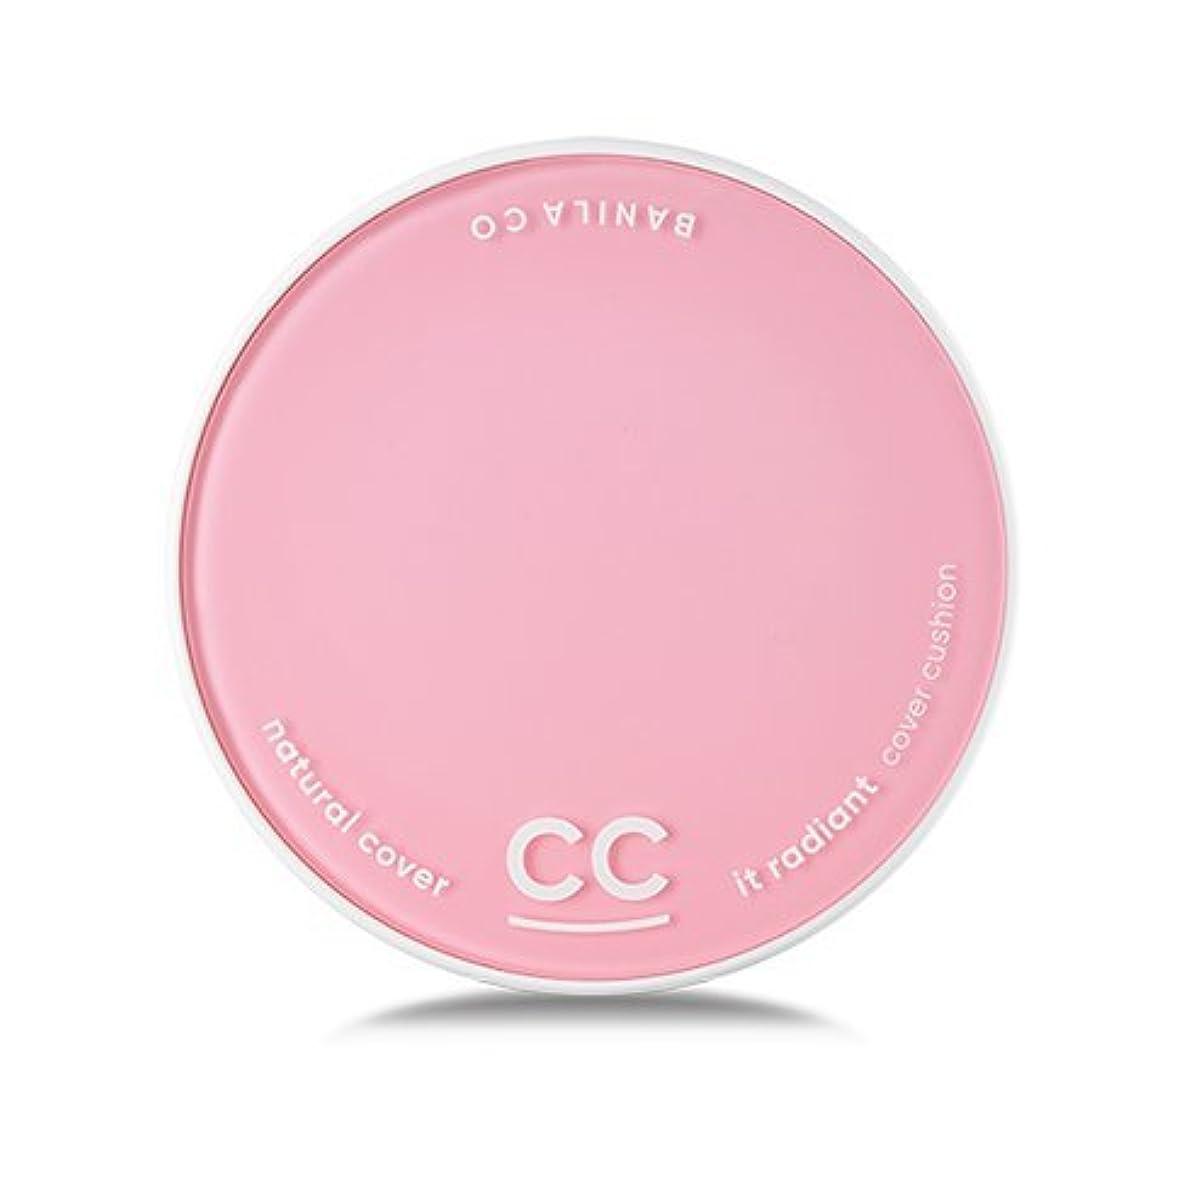 望み例ブラウス[Renewal] BANILA CO It Radiant CC Cover Cushion 12g + Refill 12g/バニラコ イット ラディアント CC カバー クッション 12g + リフィル 12g (#BP15) [並行輸入品]